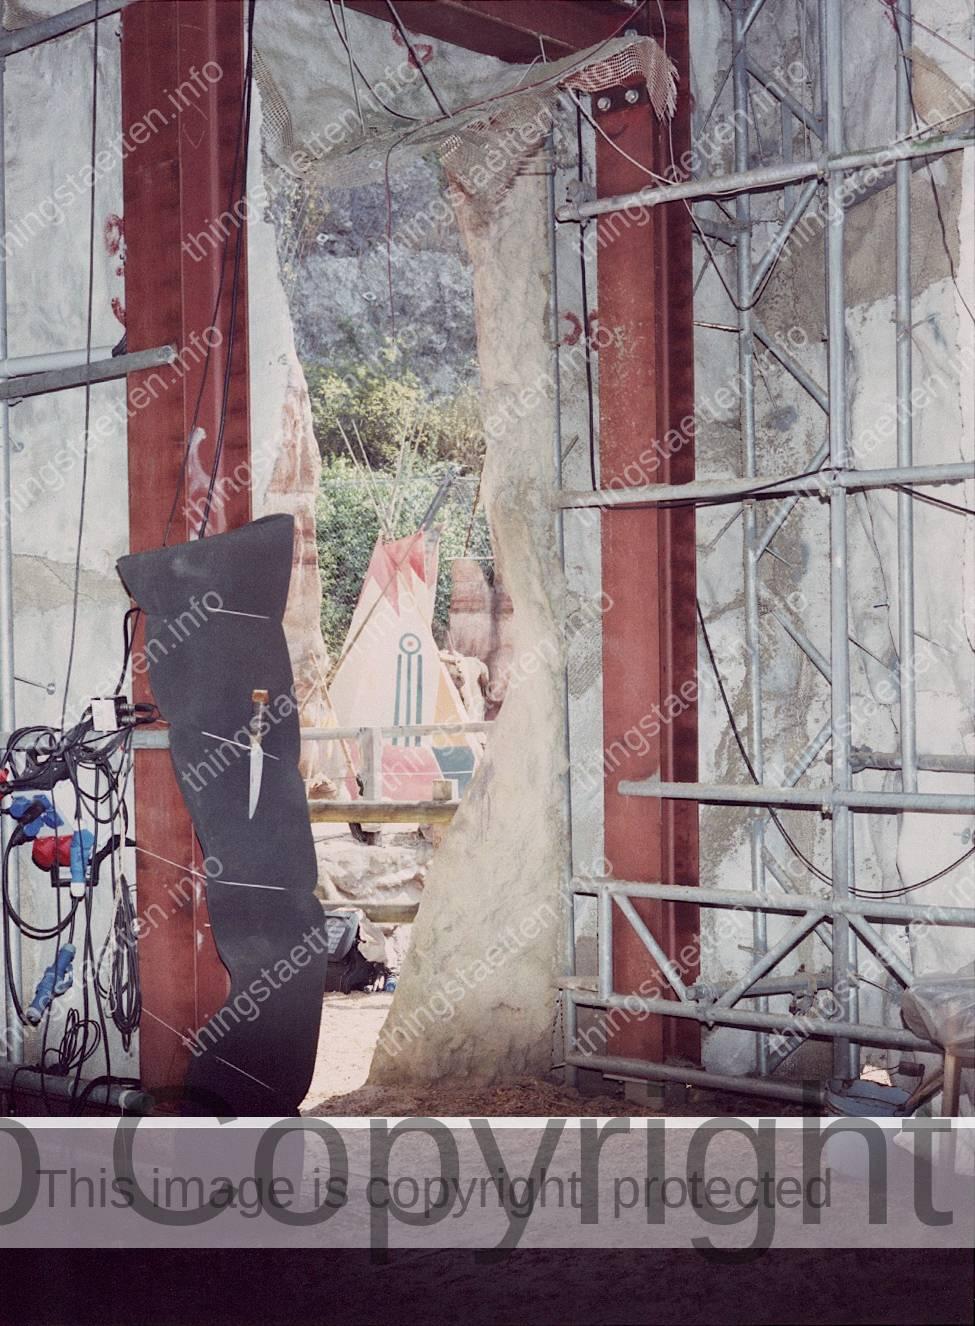 Bad Segeberg Freilichtbühne Kalkbergbühne Karl-May-Festspiele Thingstätte Architektur Amphitheater Nationalsozialismus Erinnerungskultur interdisziplinäres Forschungsprojekt Kunst und Wissenschaft FH Bielefeld Katharina Bosse analoge Fotografie Mittelformat